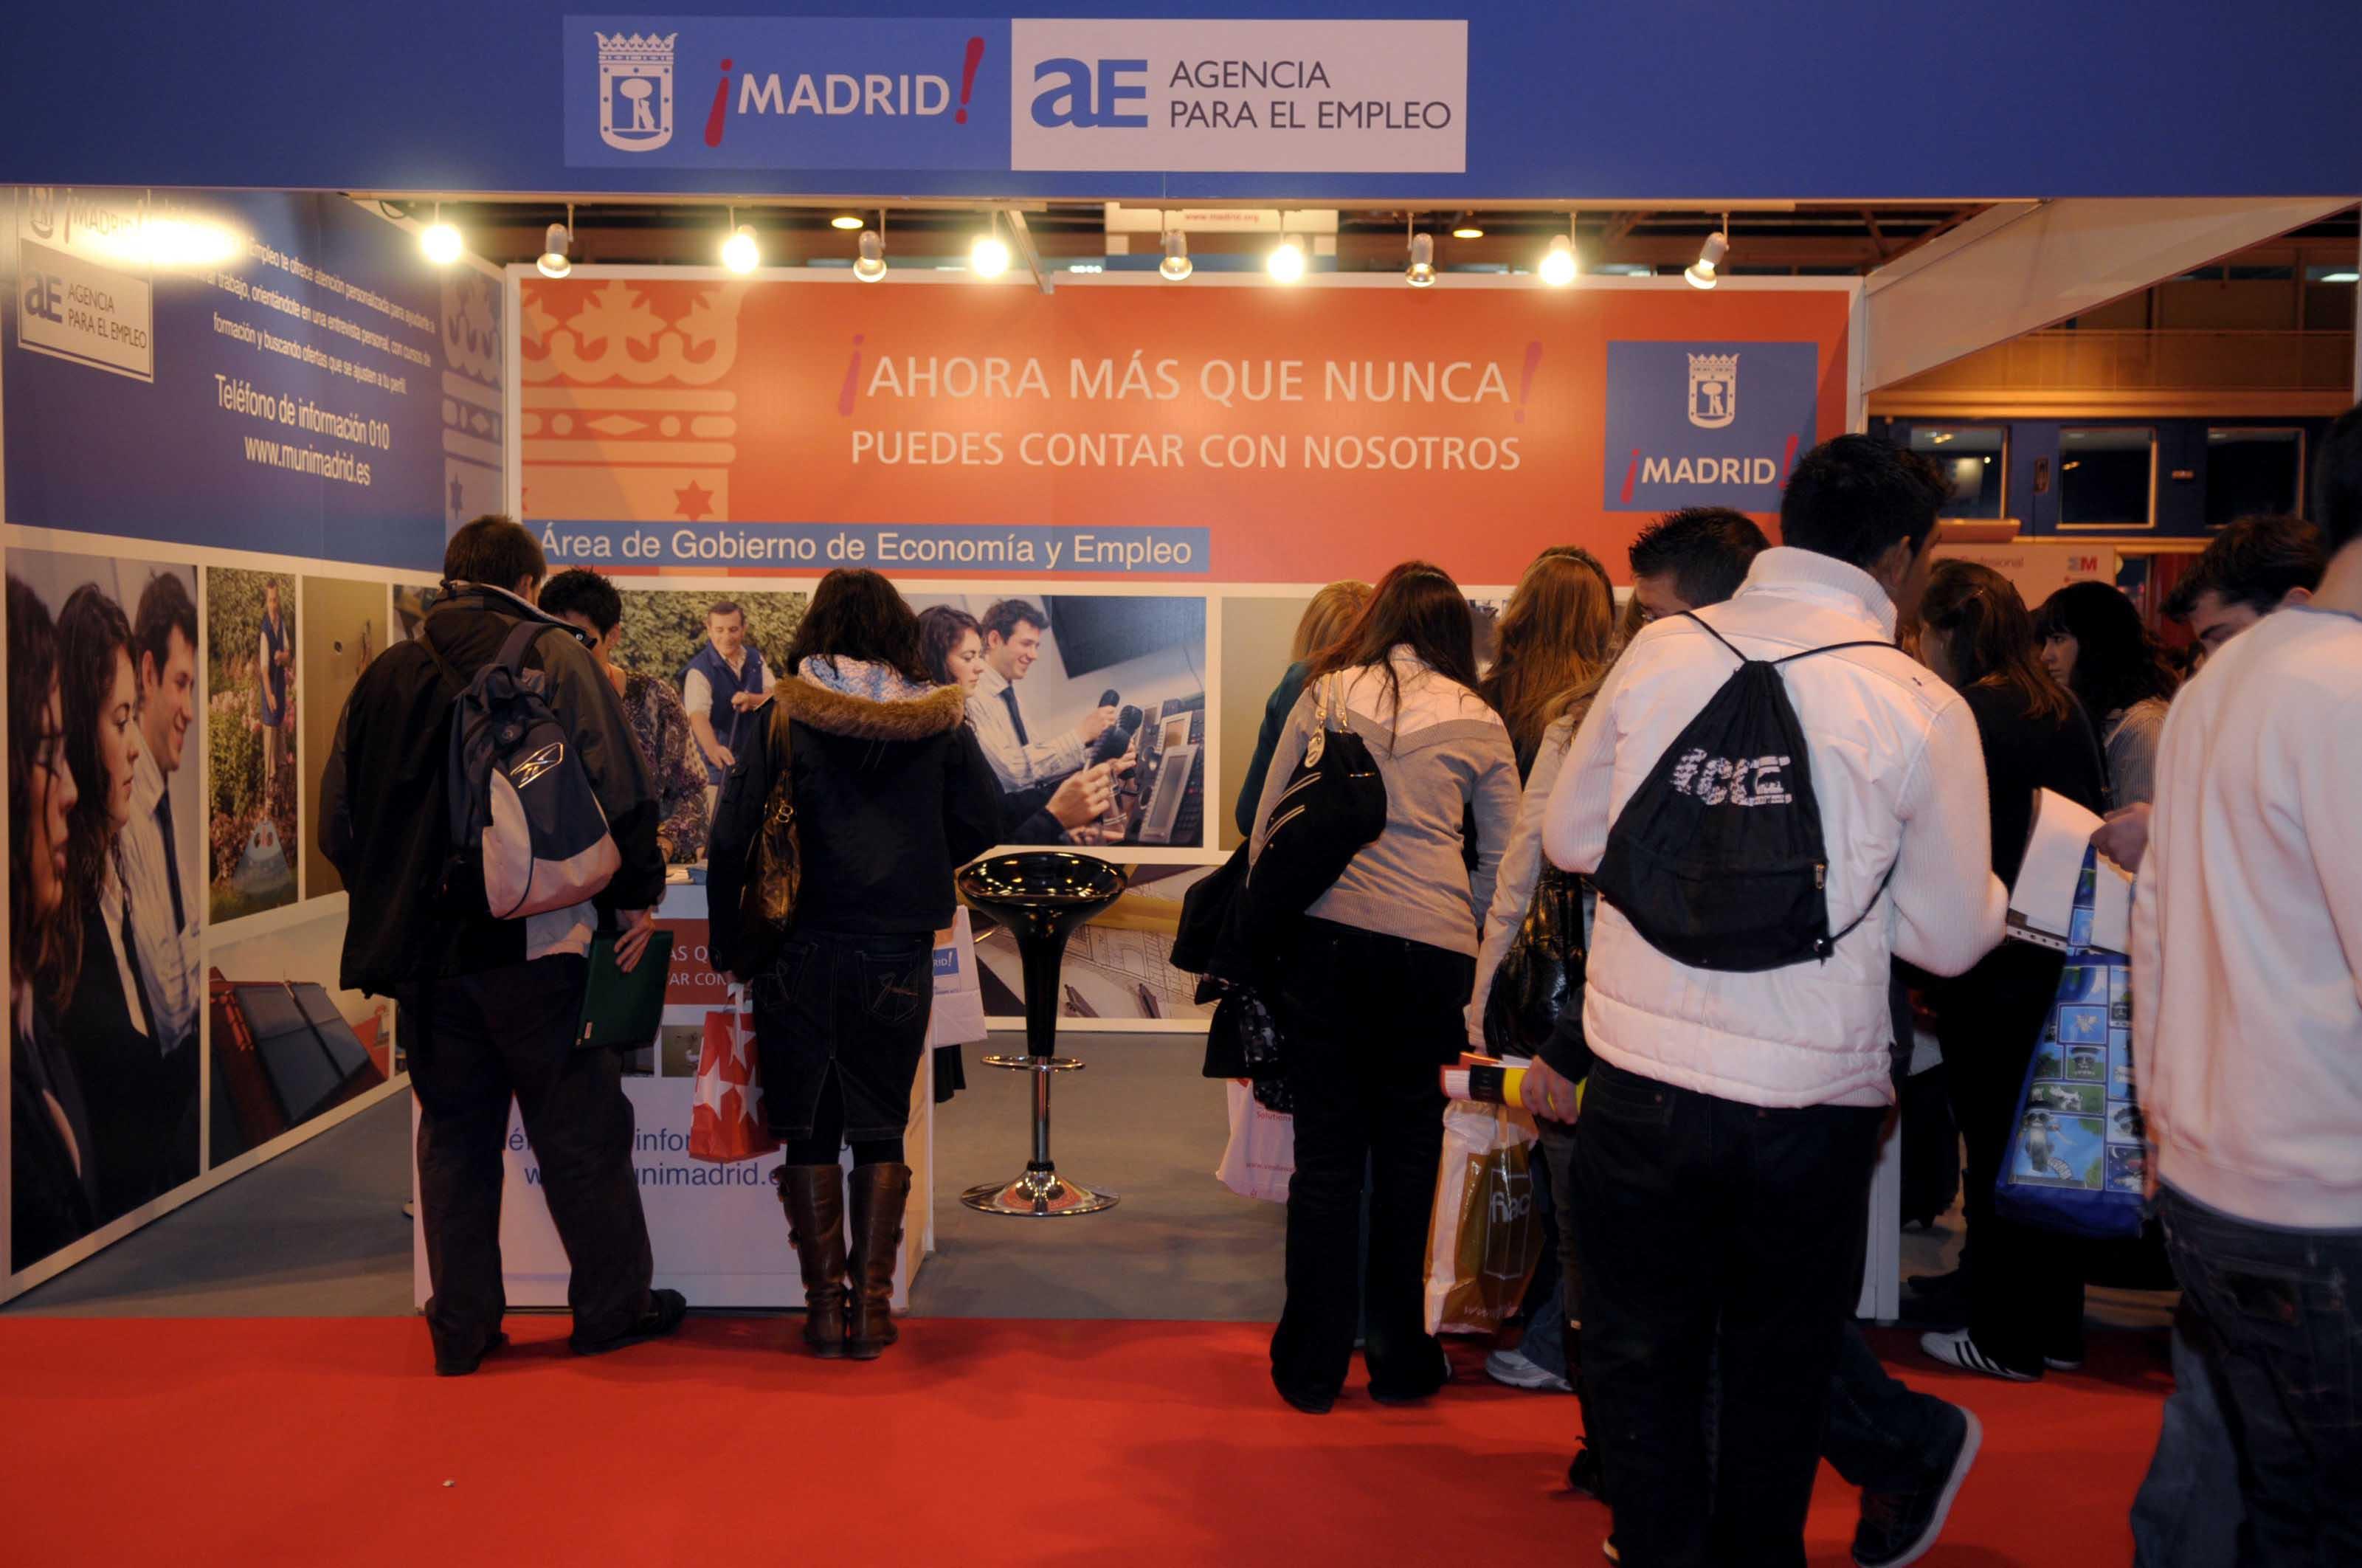 La agencia para el empleo ampl a su oferta de cursos de for Agencia de empleo madrid